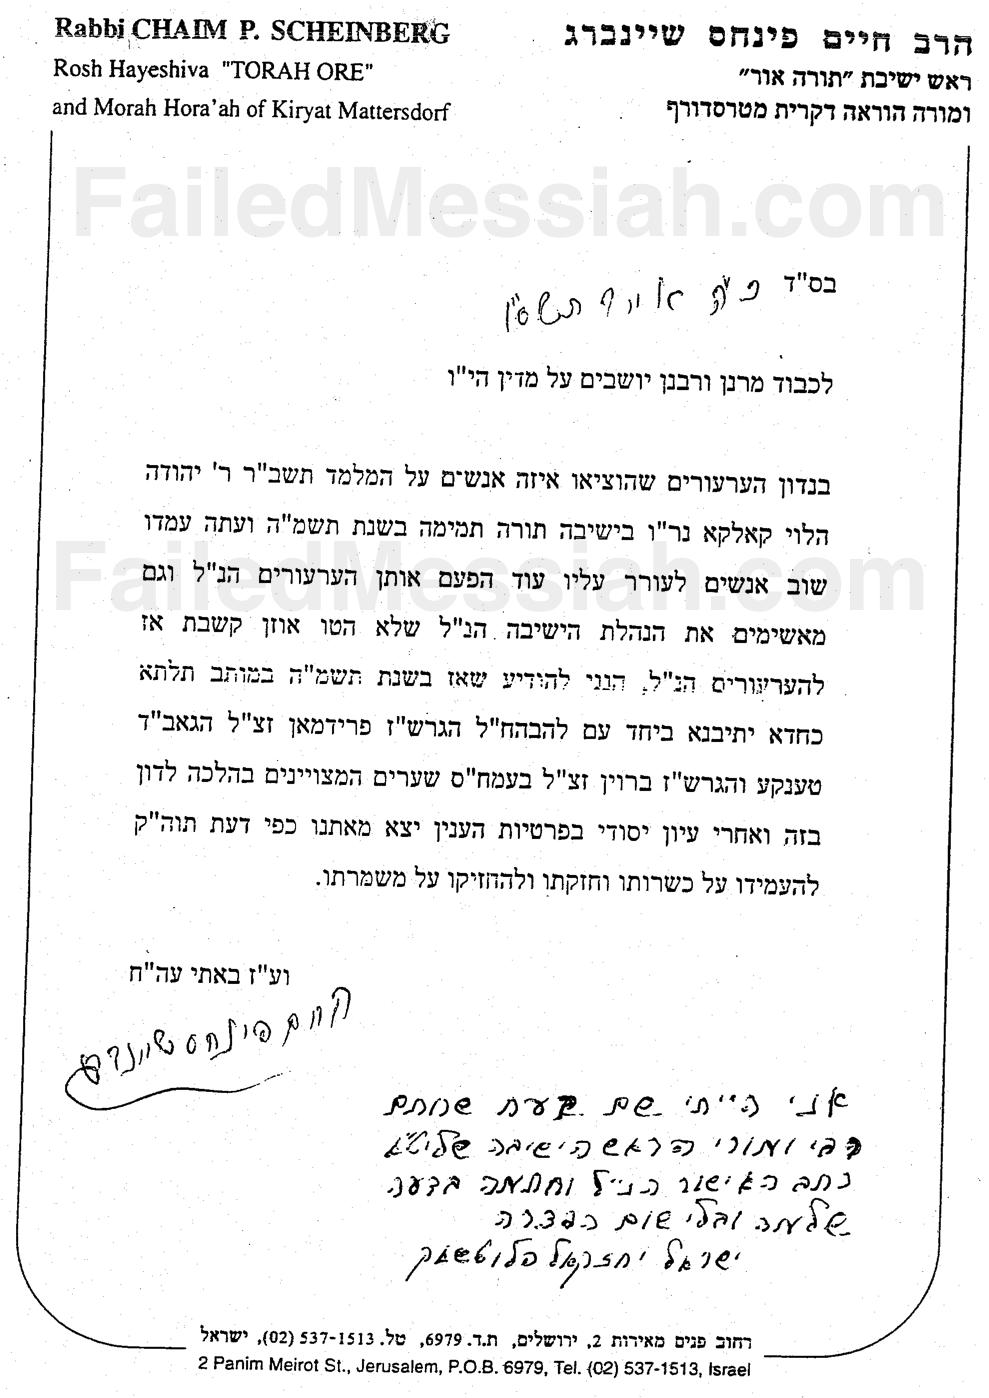 Letter From Haredi 'Gadol' Rabbi Chaim Pinchos Scheinberg Says